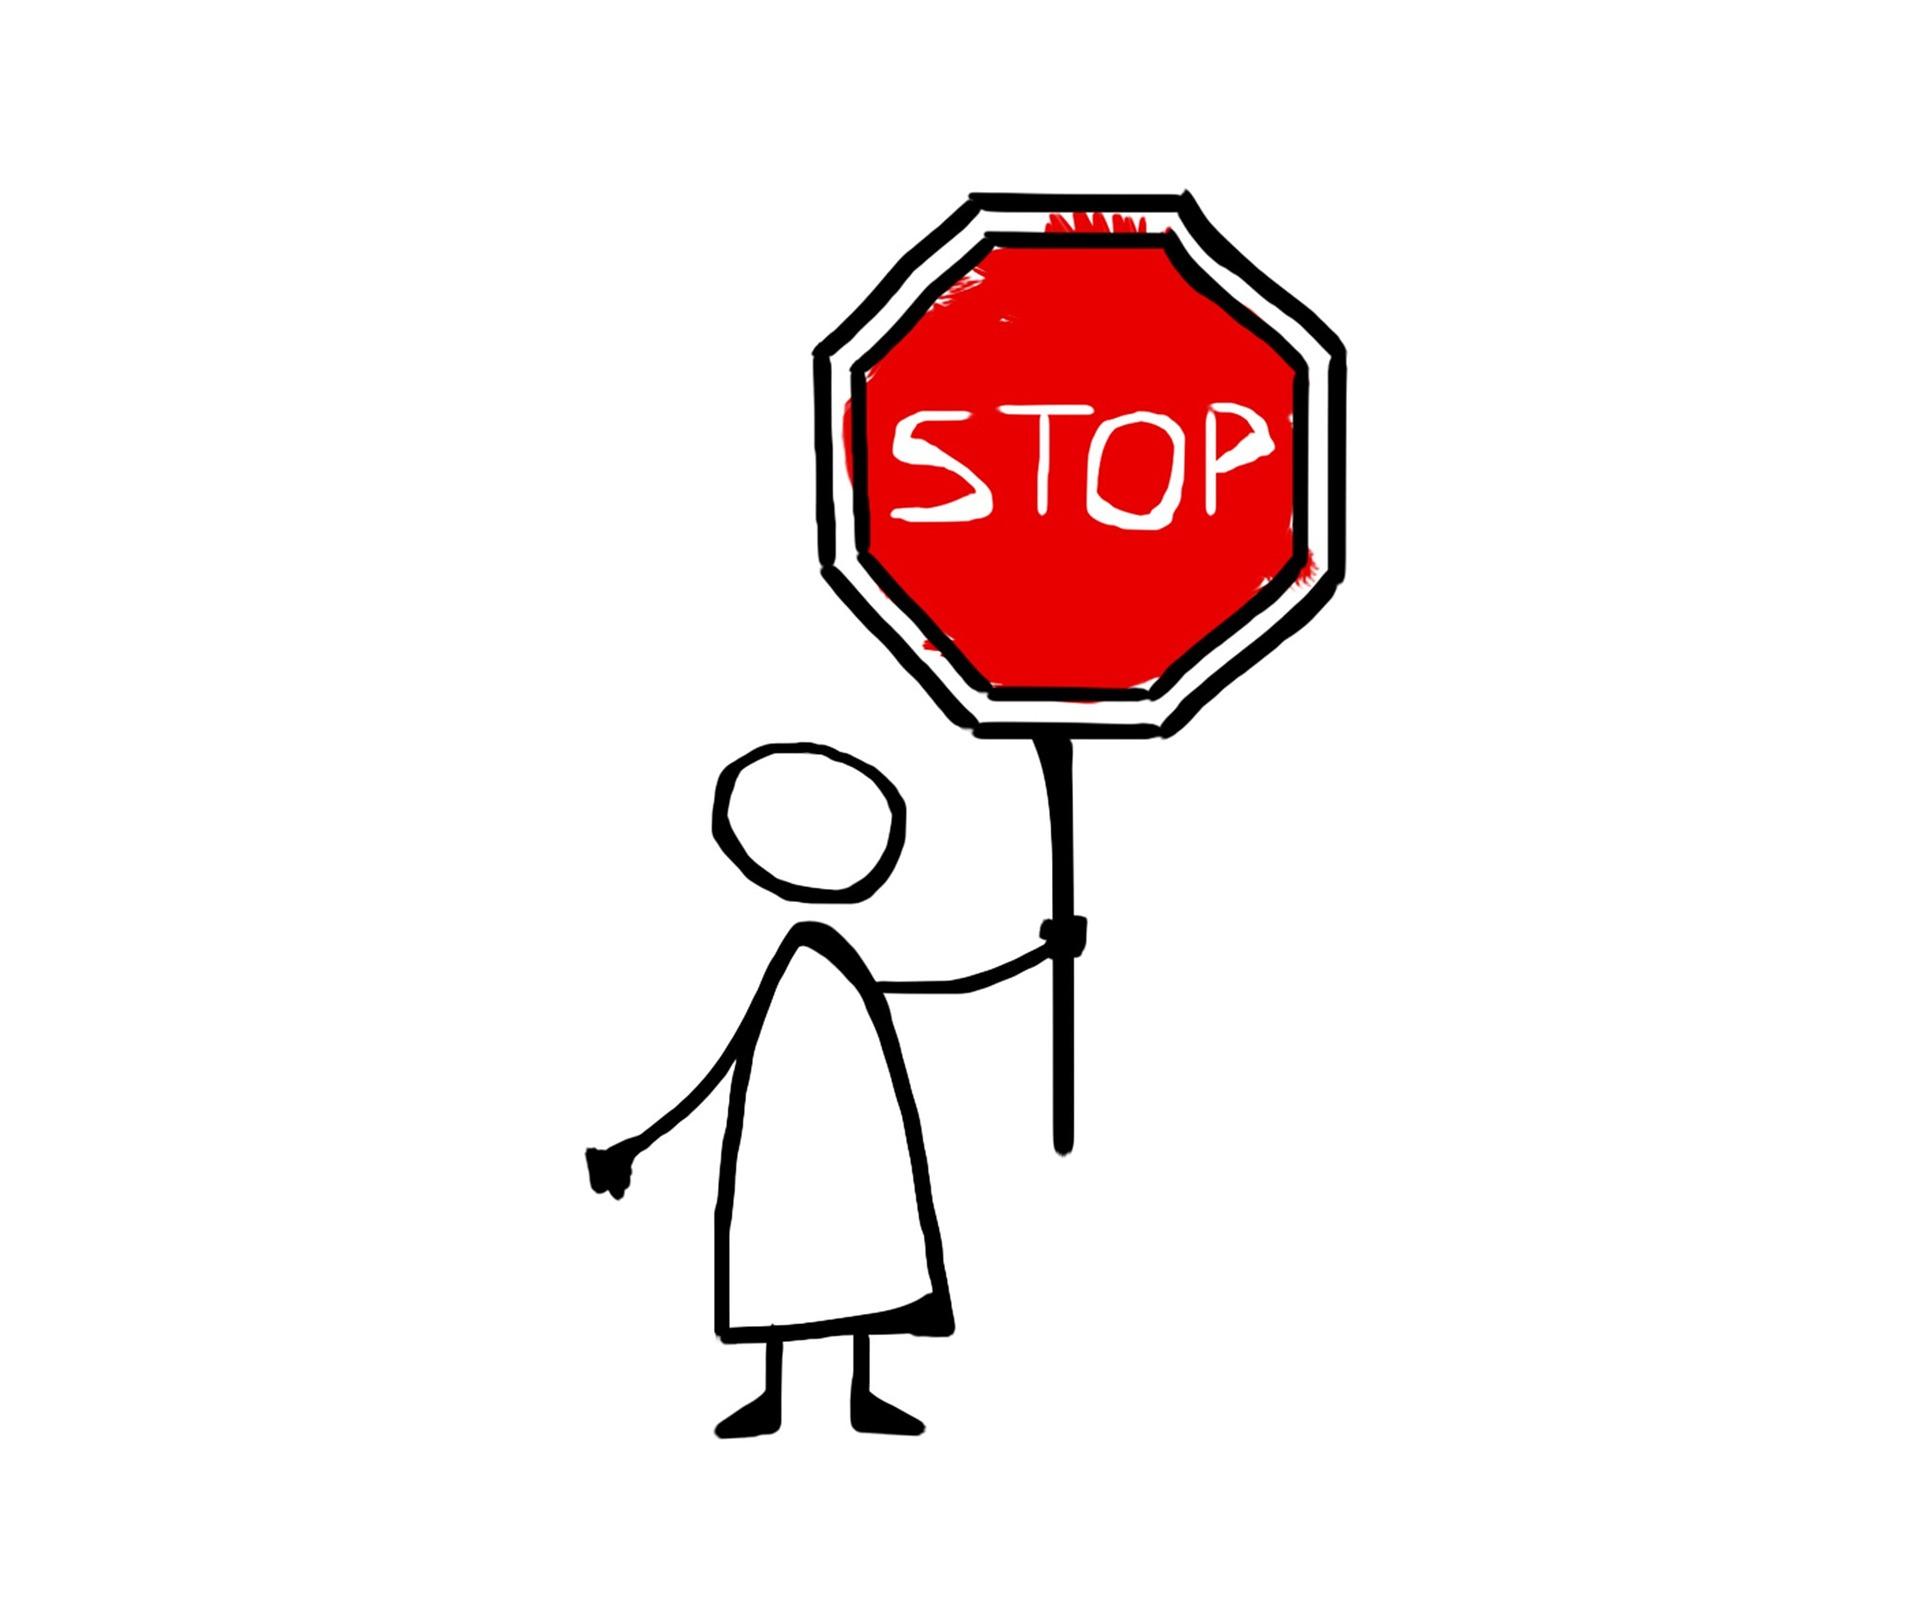 Cum spui nu fara sa spui nu (4)